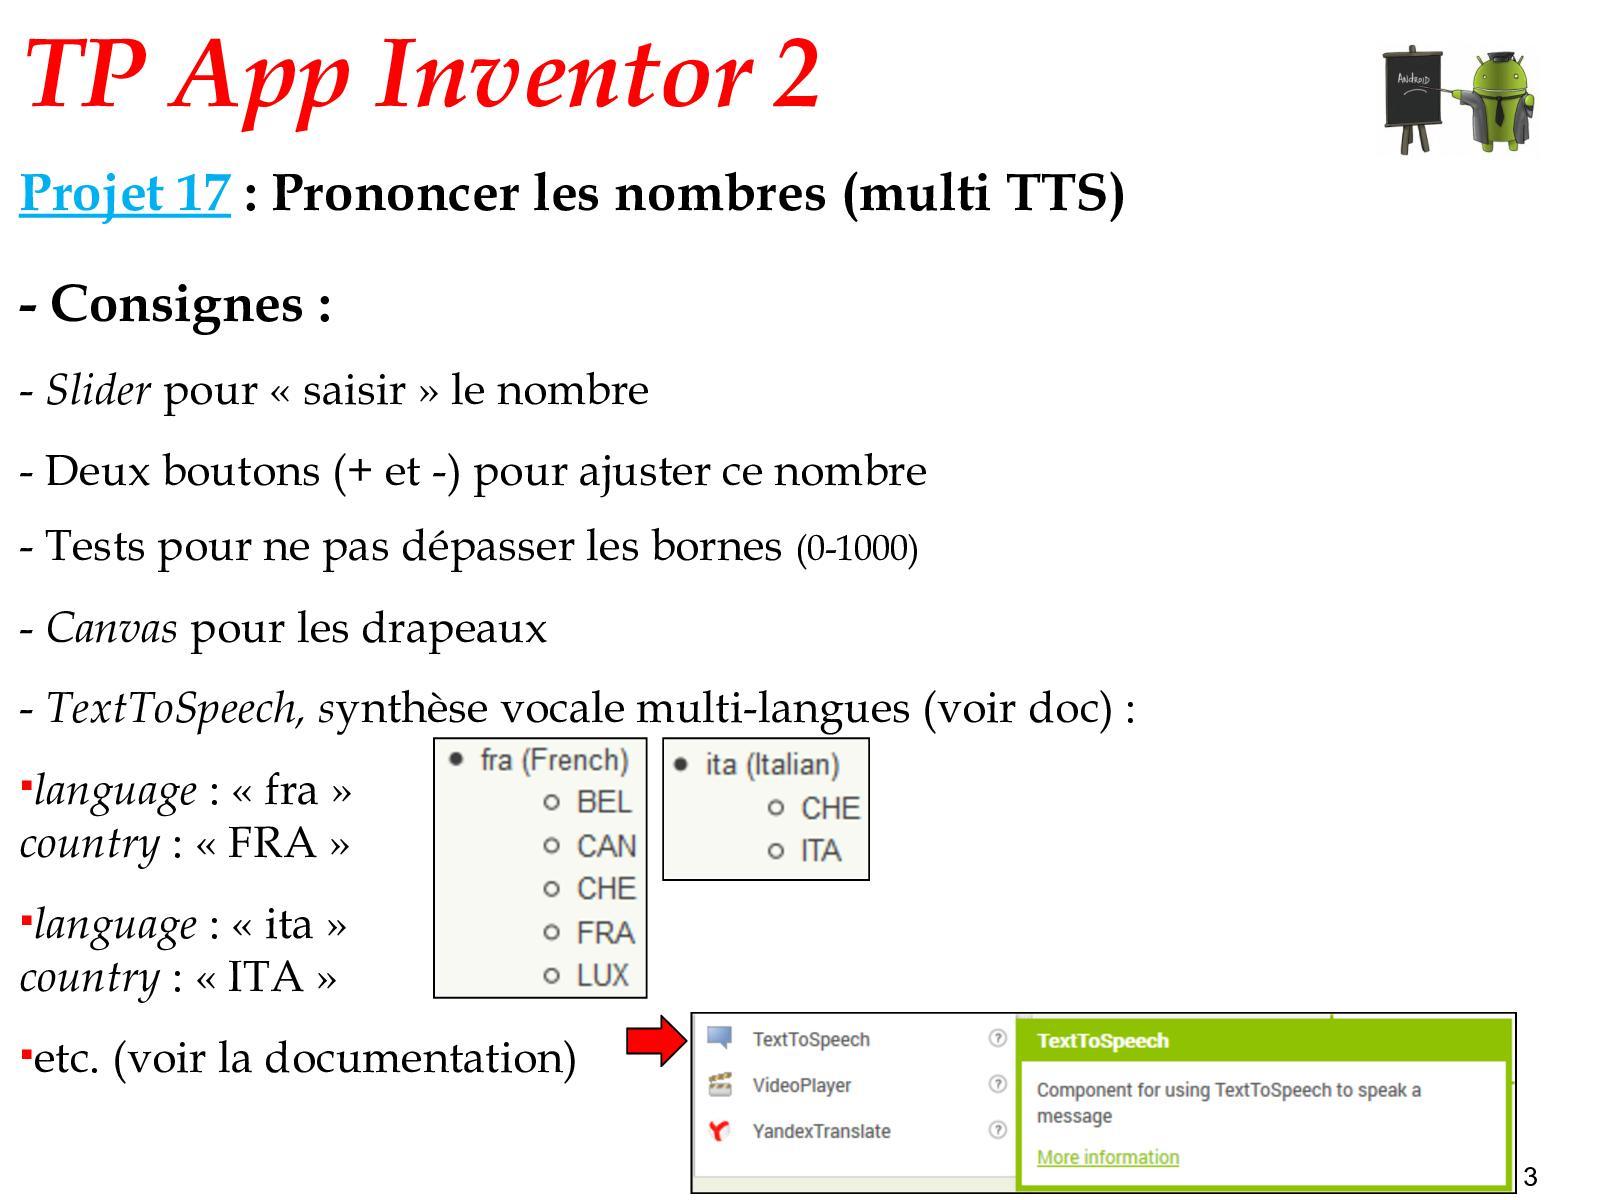 TP App Inventor n°6 - CALAMEO Downloader